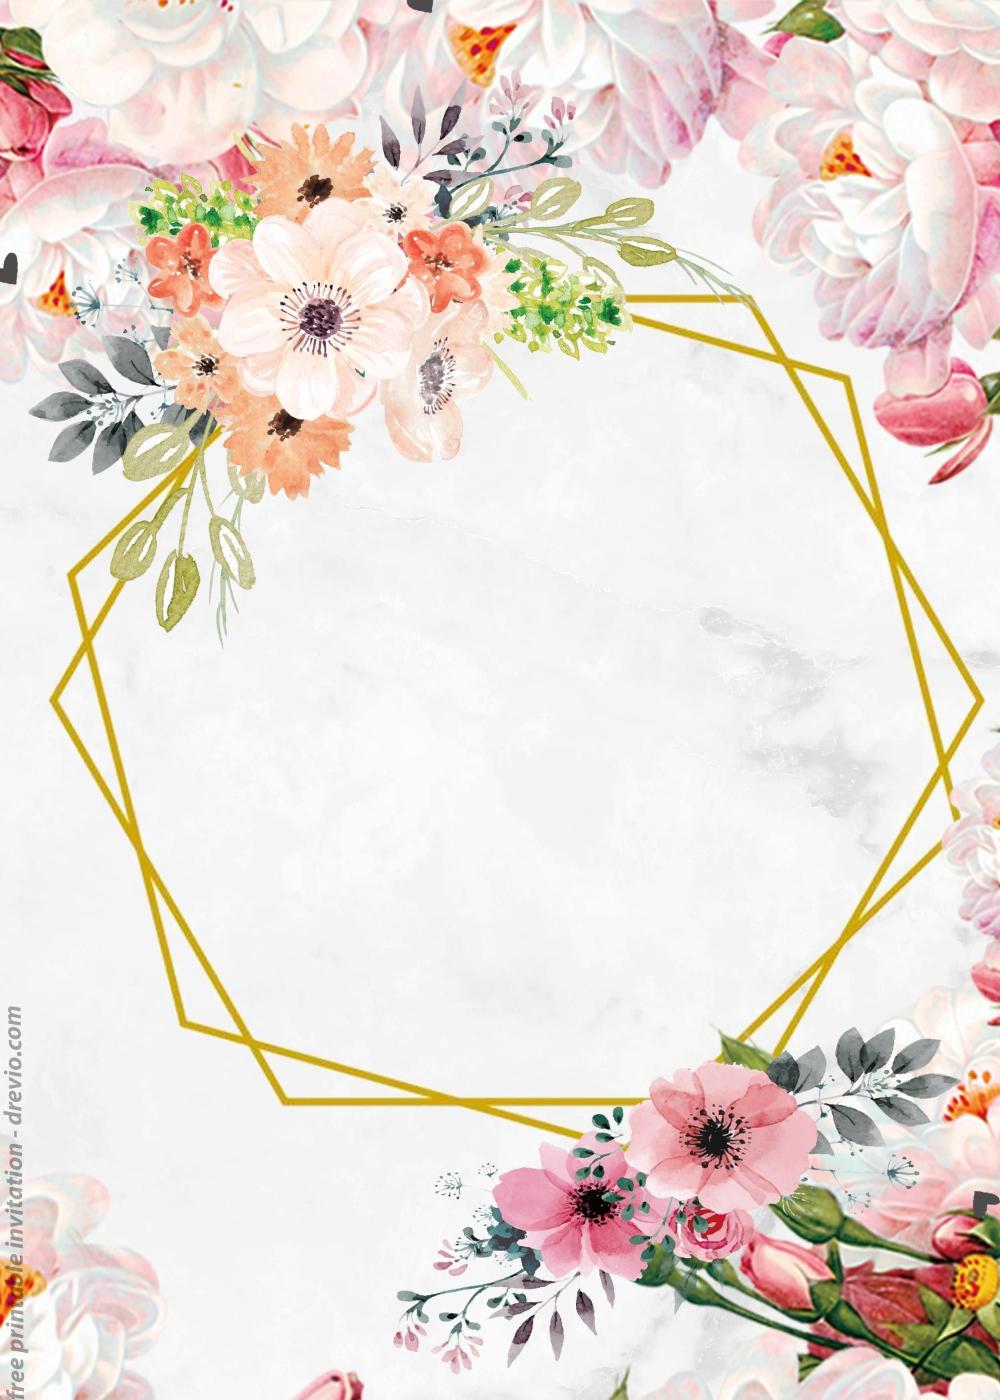 Fondo Vintage Invitation Busqueda De Google Acuarela Floral Imprimibles Florales Fondos Para Tarjetas